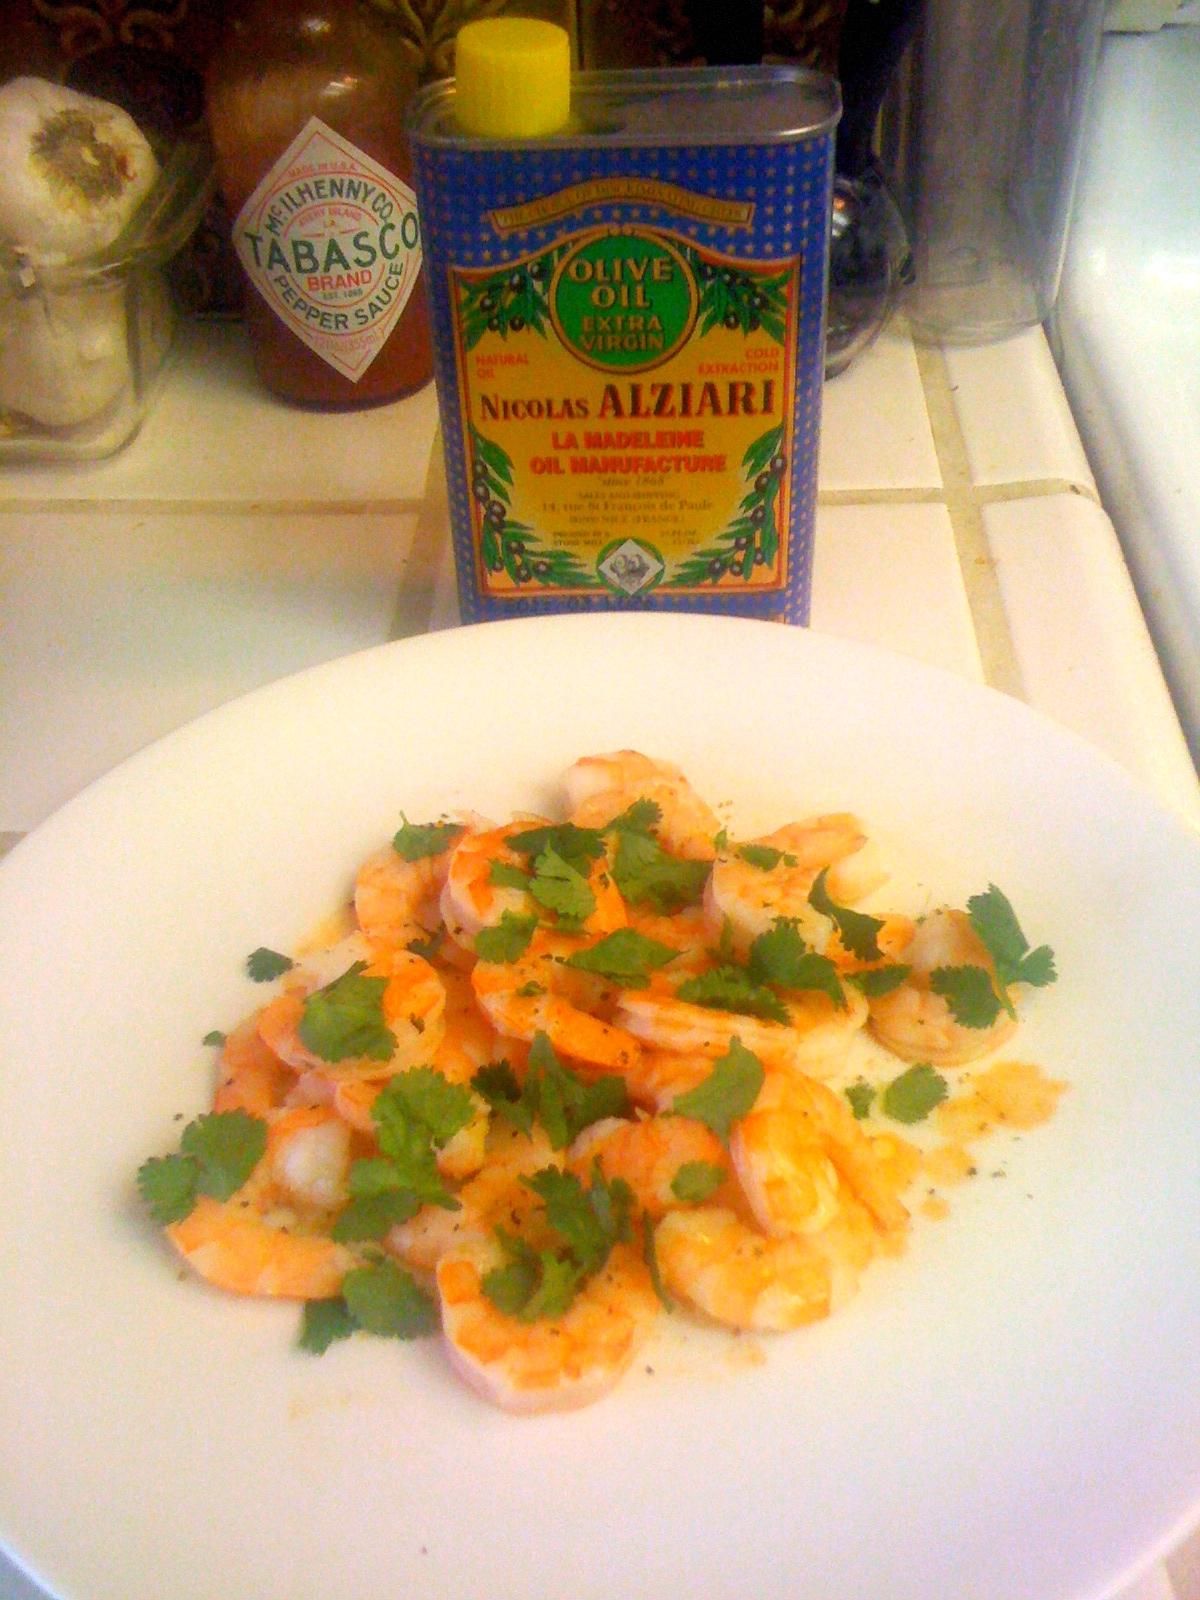 Nicolas Alziari Olive Oil Cilantro Shrimp